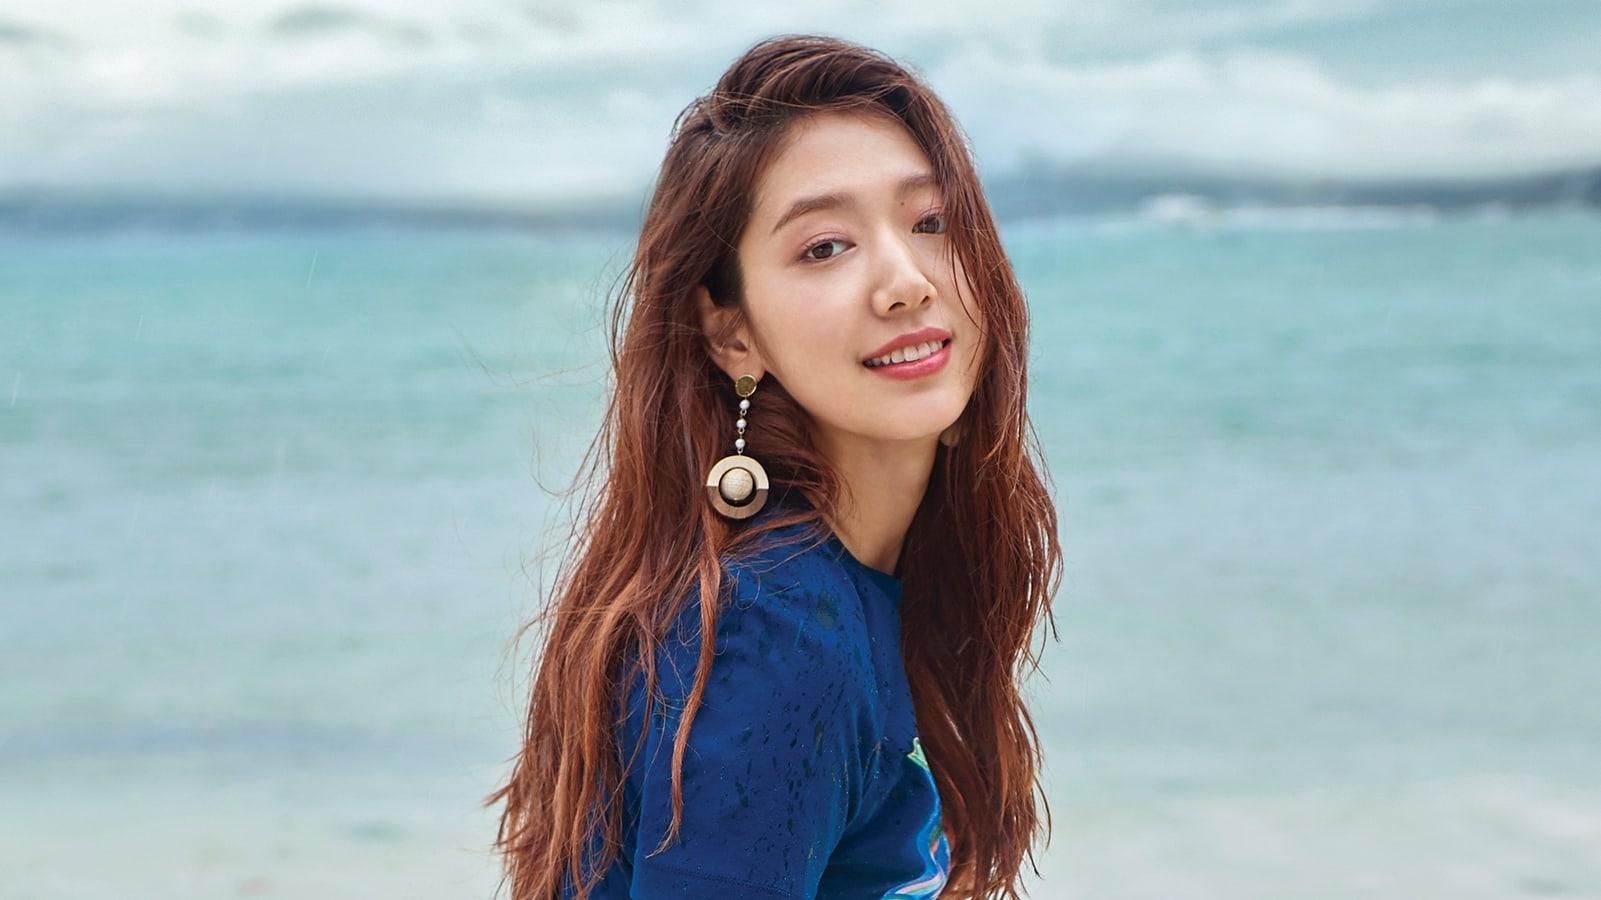 El nuevo drama de SBS de Park Shin Hye en conversaciones para cambiar la trama completamente + Su agencia responde